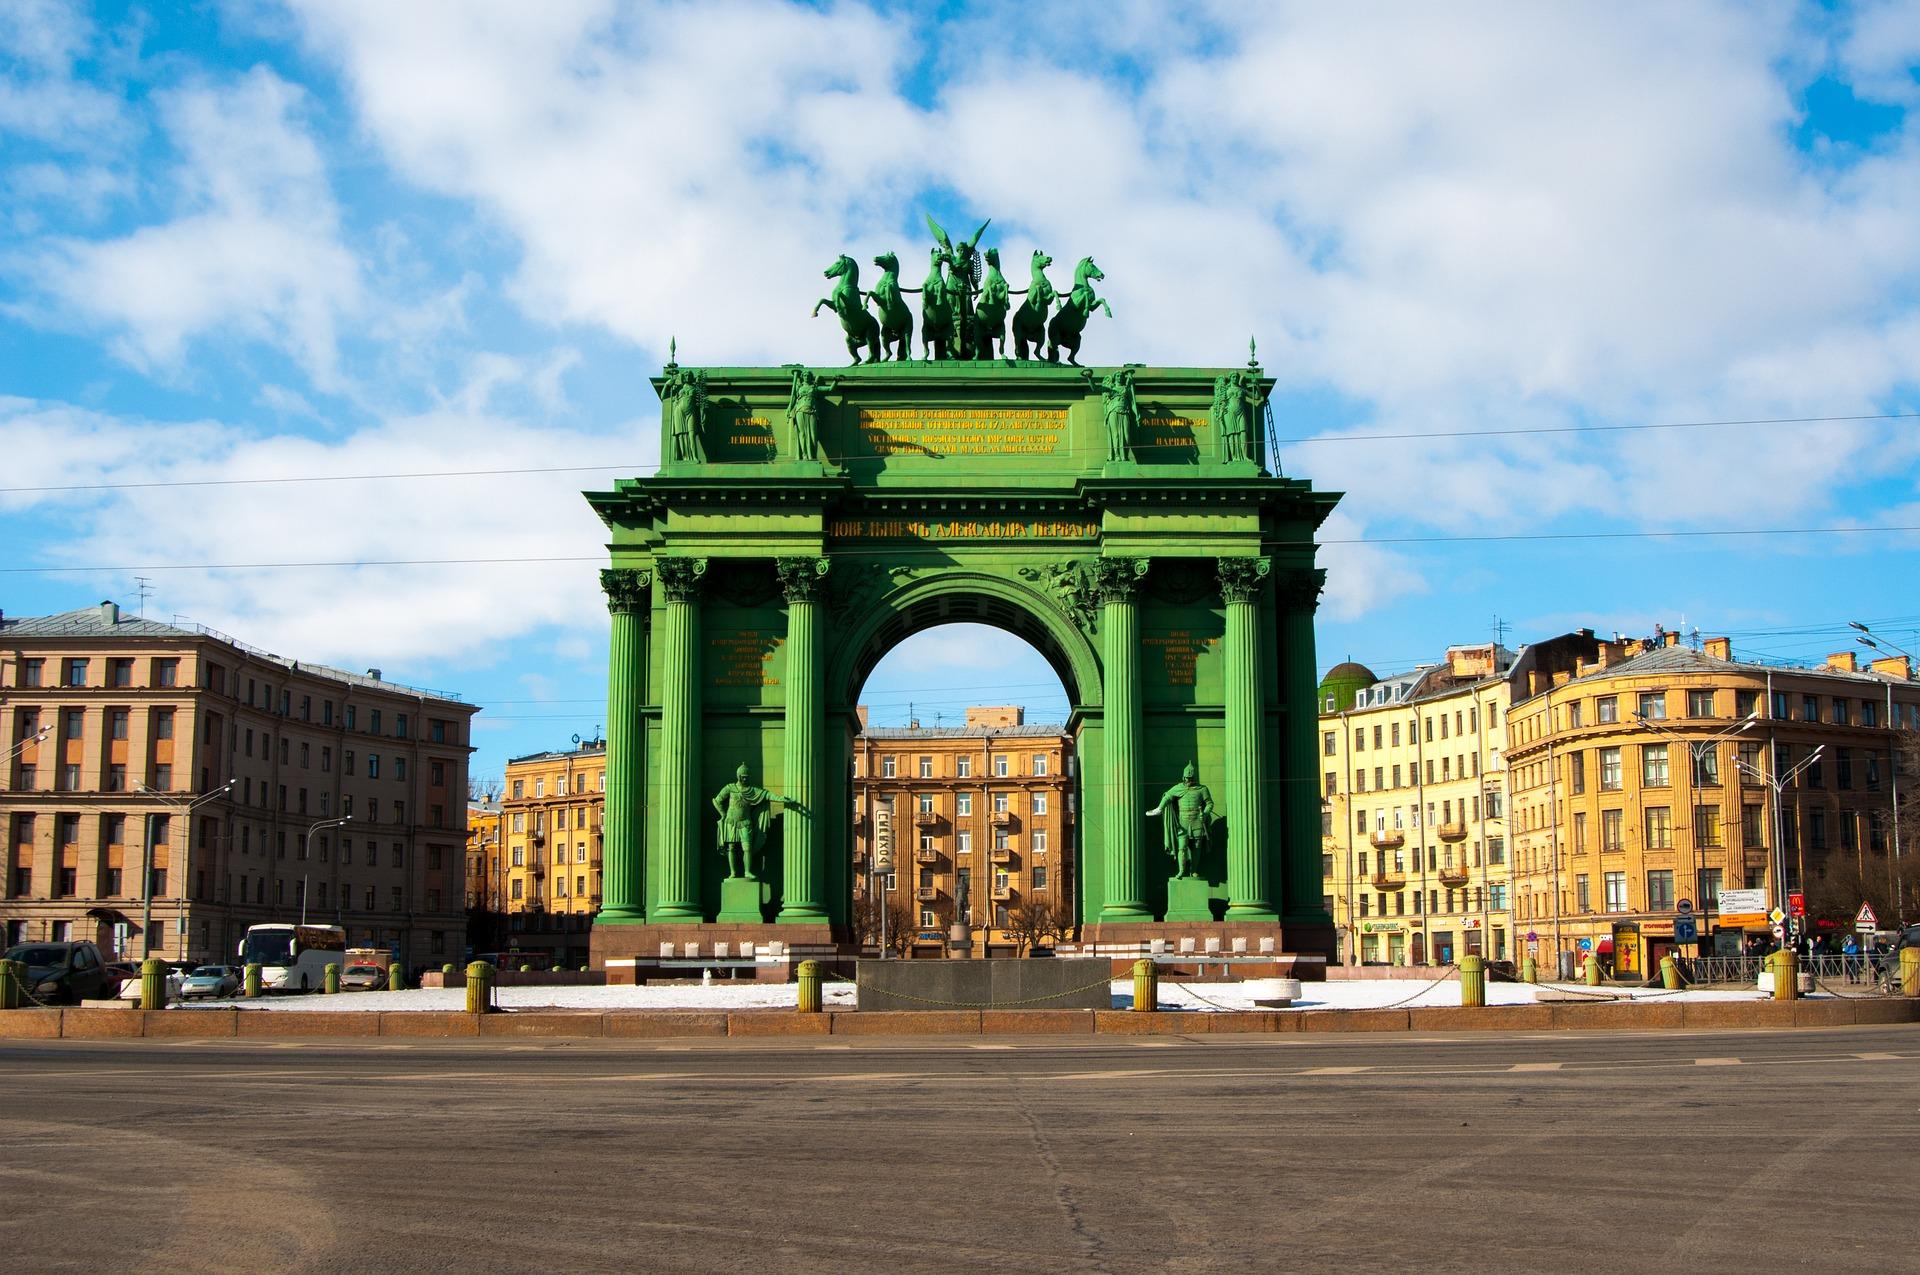 Площадь стачек Триумфальная арка фото